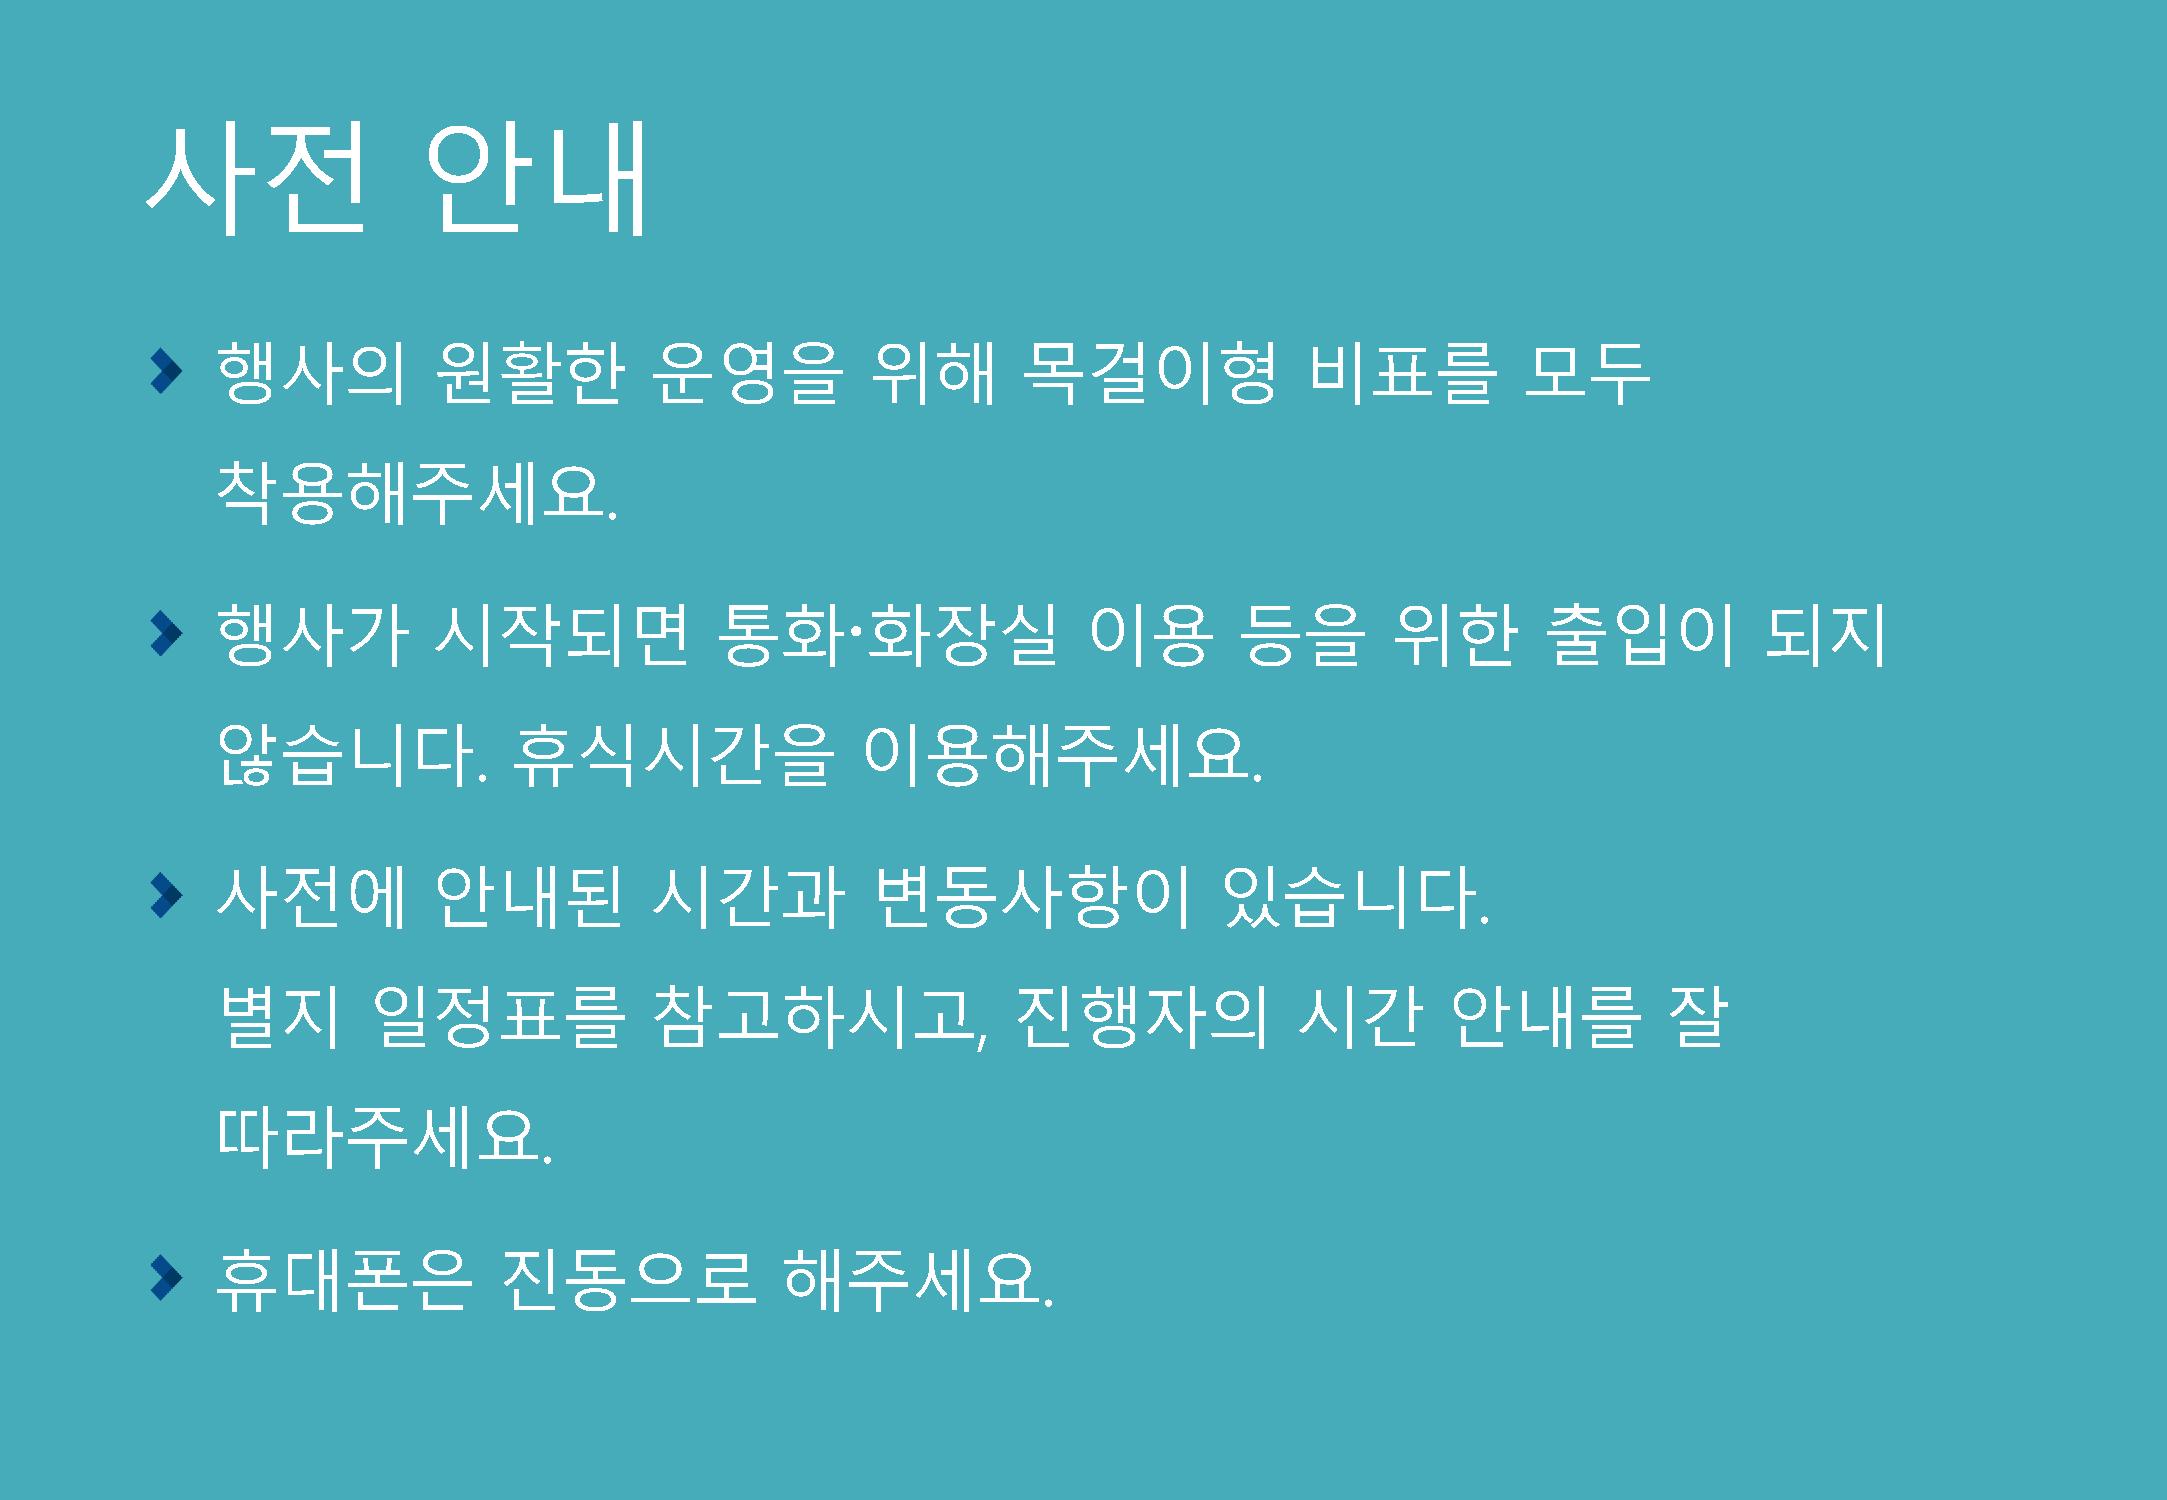 경기 평화통일비전사회적대화_190824_식순 PPT_최종_페이지_004